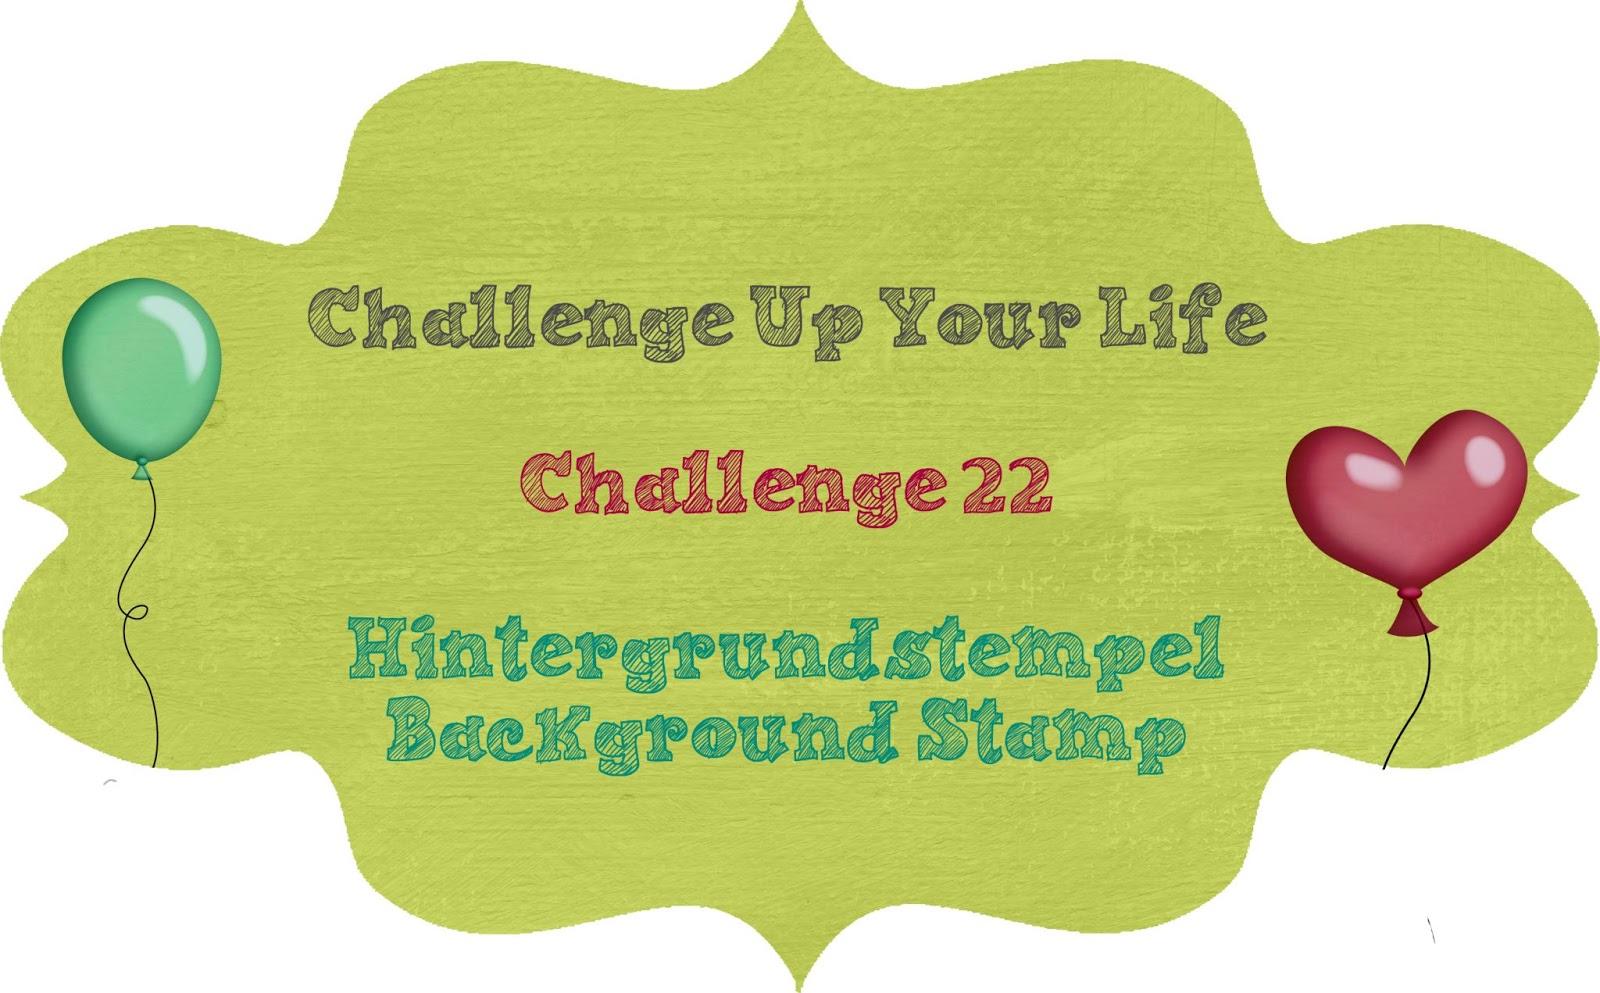 challenge up your life challenge 22 backgroundstamp. Black Bedroom Furniture Sets. Home Design Ideas